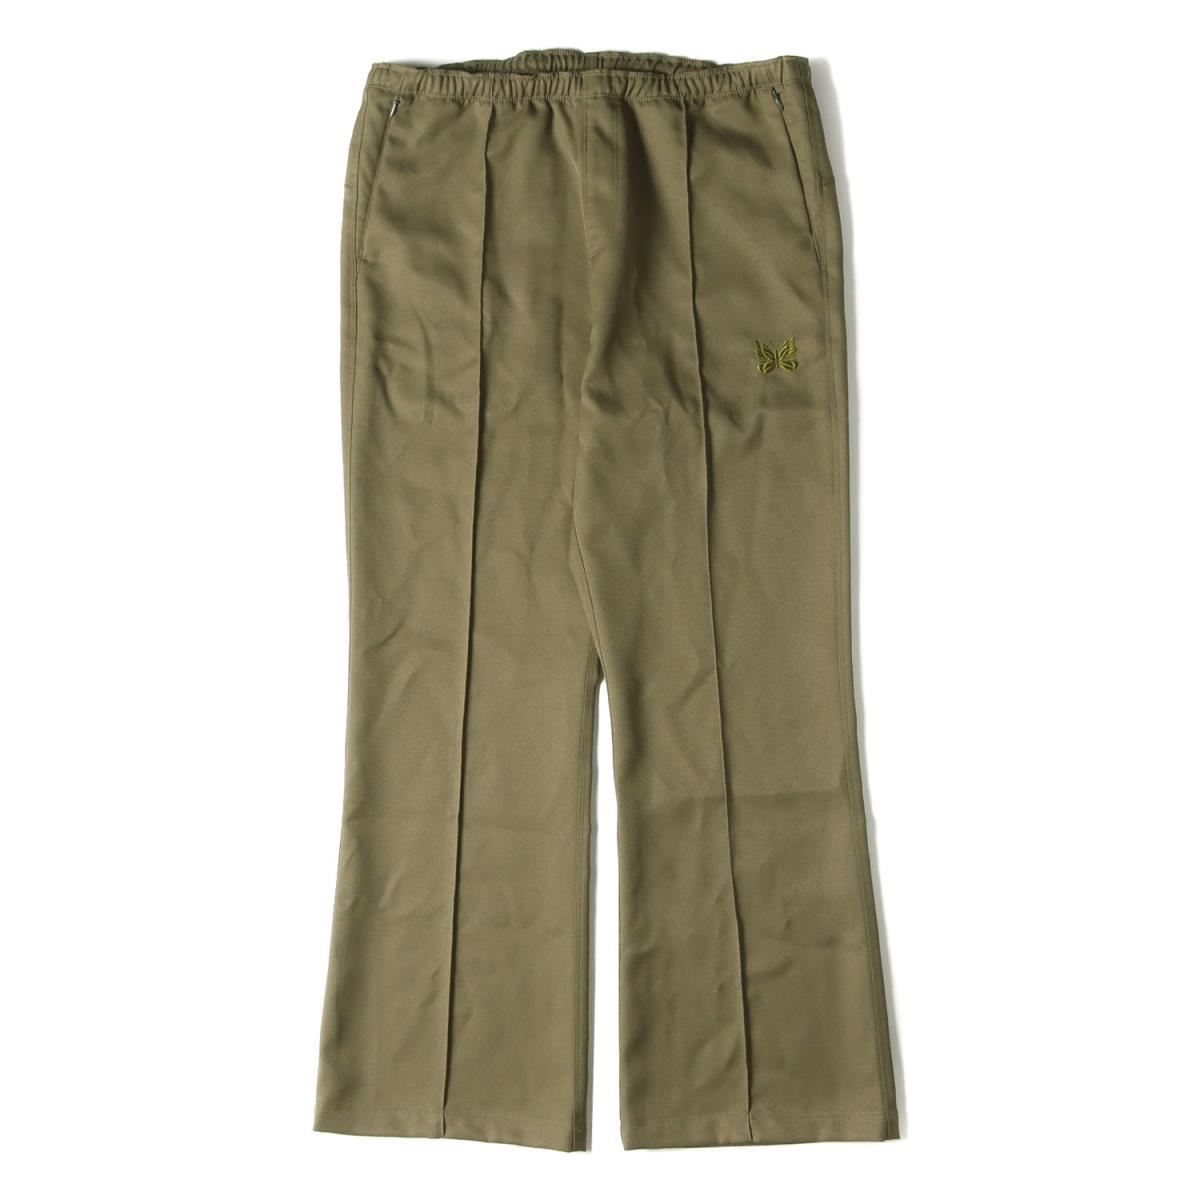 メンズファッション, ズボン・パンツ NEEDLES W.U. Boot-Cut Pant - PeC Twill 21SS M K3155